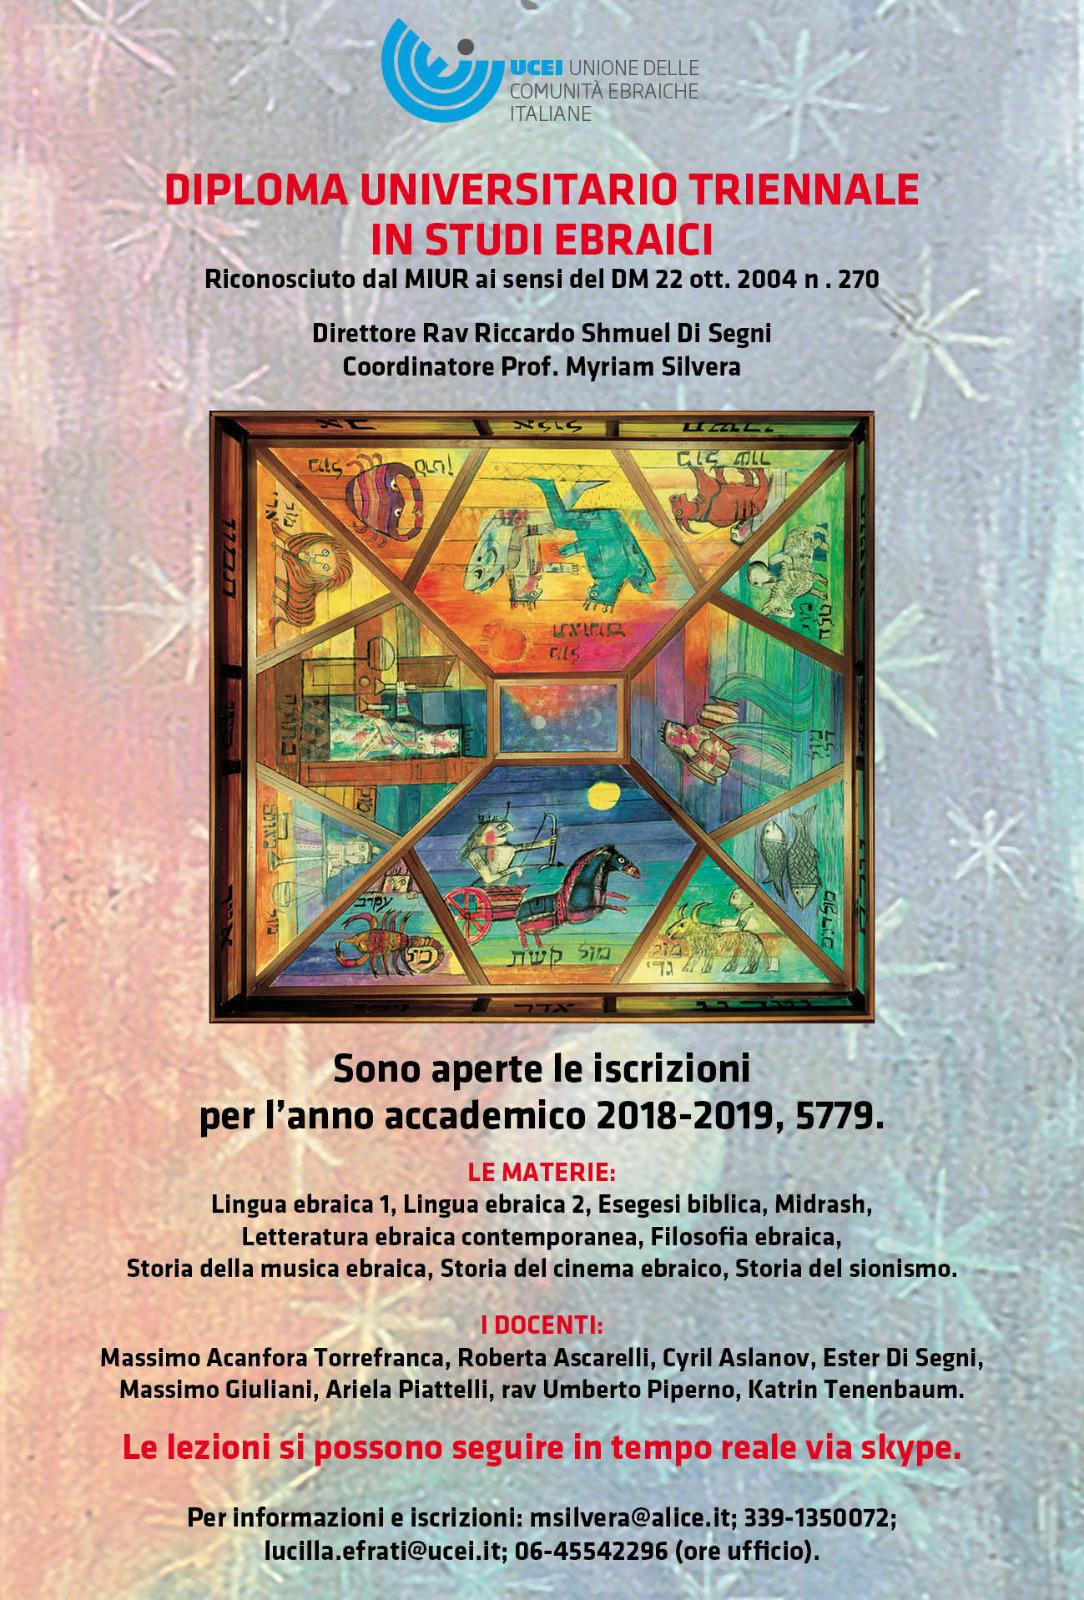 Diploma Universitario Triennale Roma